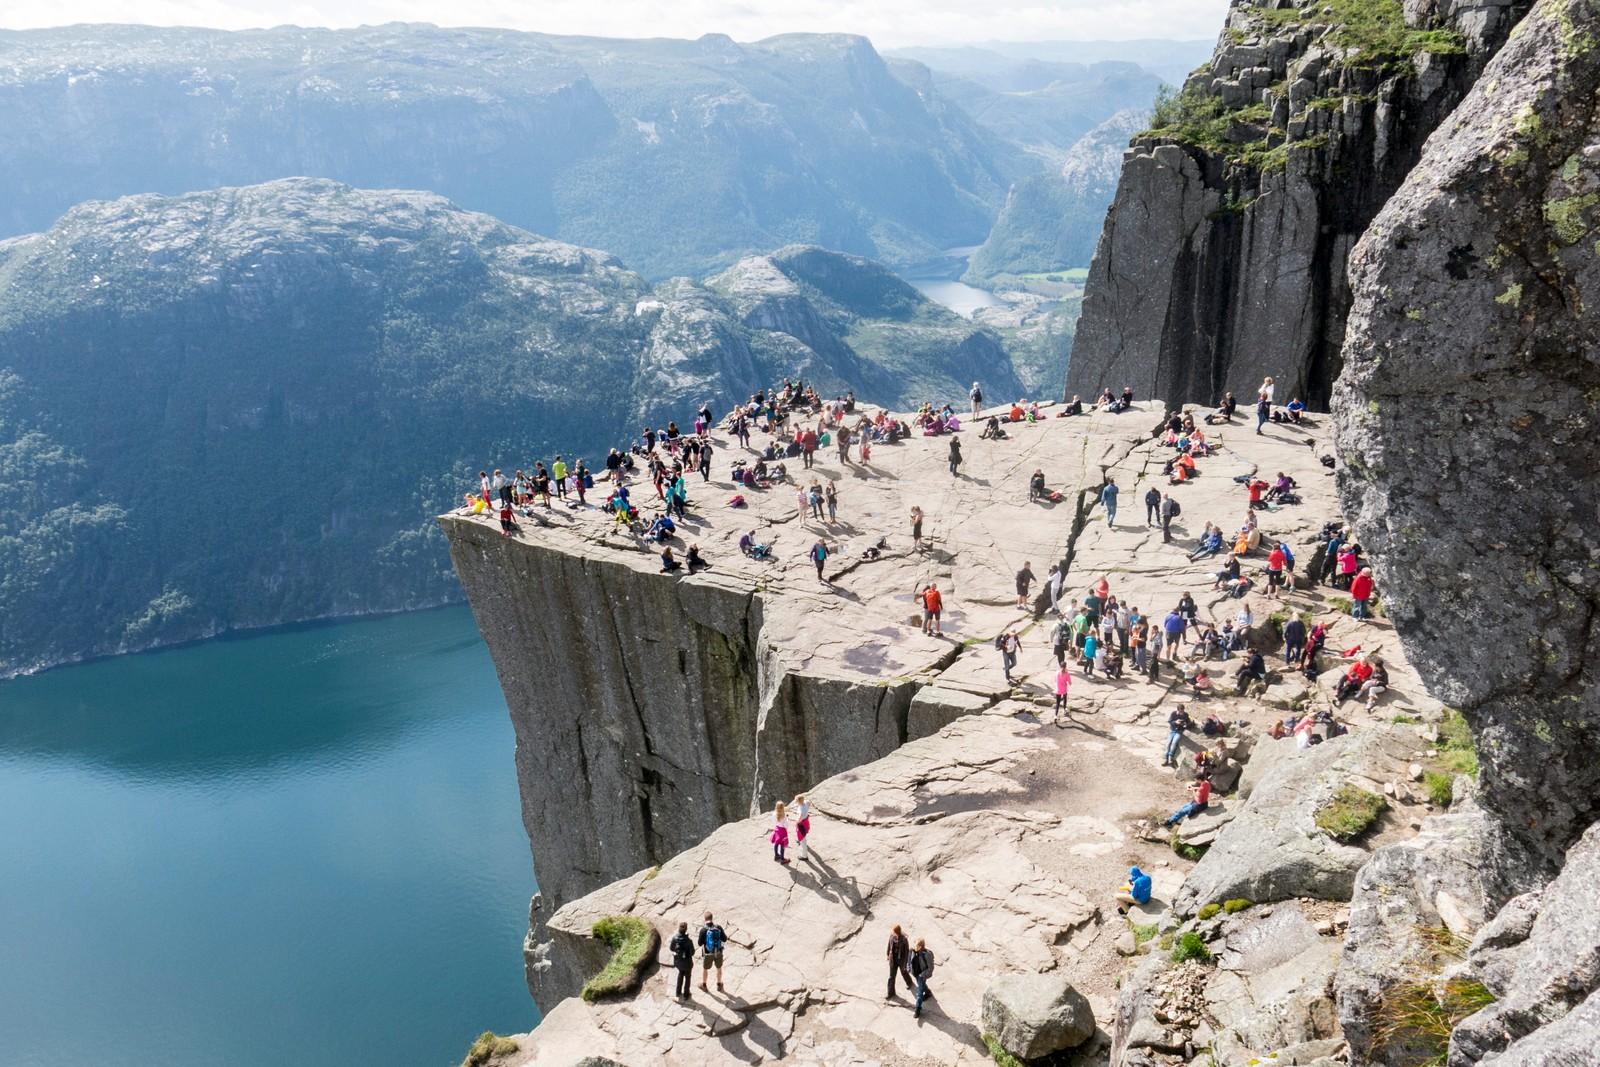 Turister på fjellplatået Preikestolen ved Lysefjorden i Forsand kommune i Rogaland.